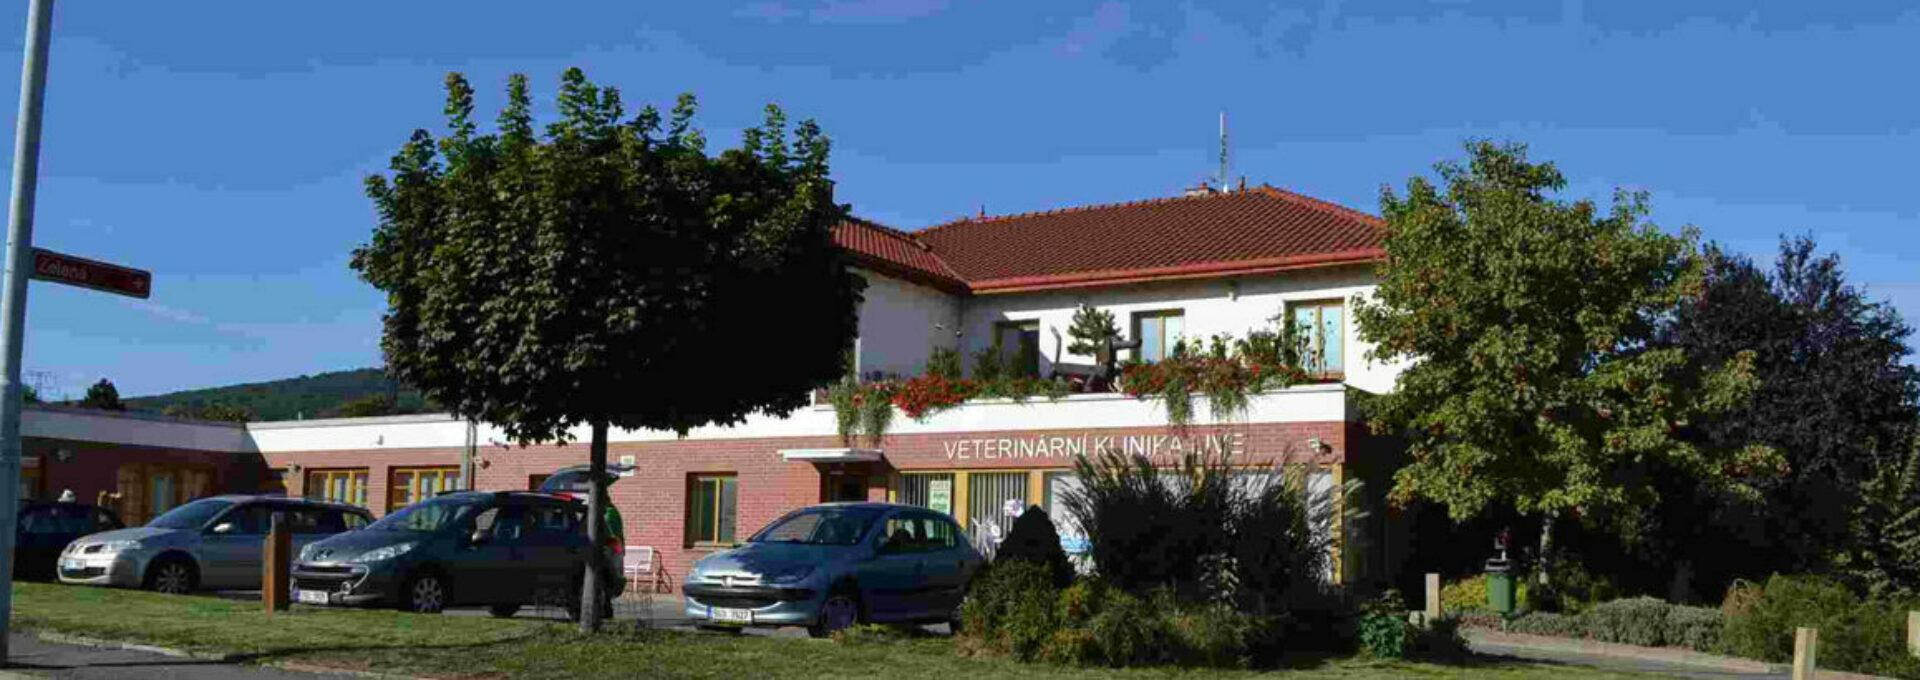 Veterinární klinika LIVE